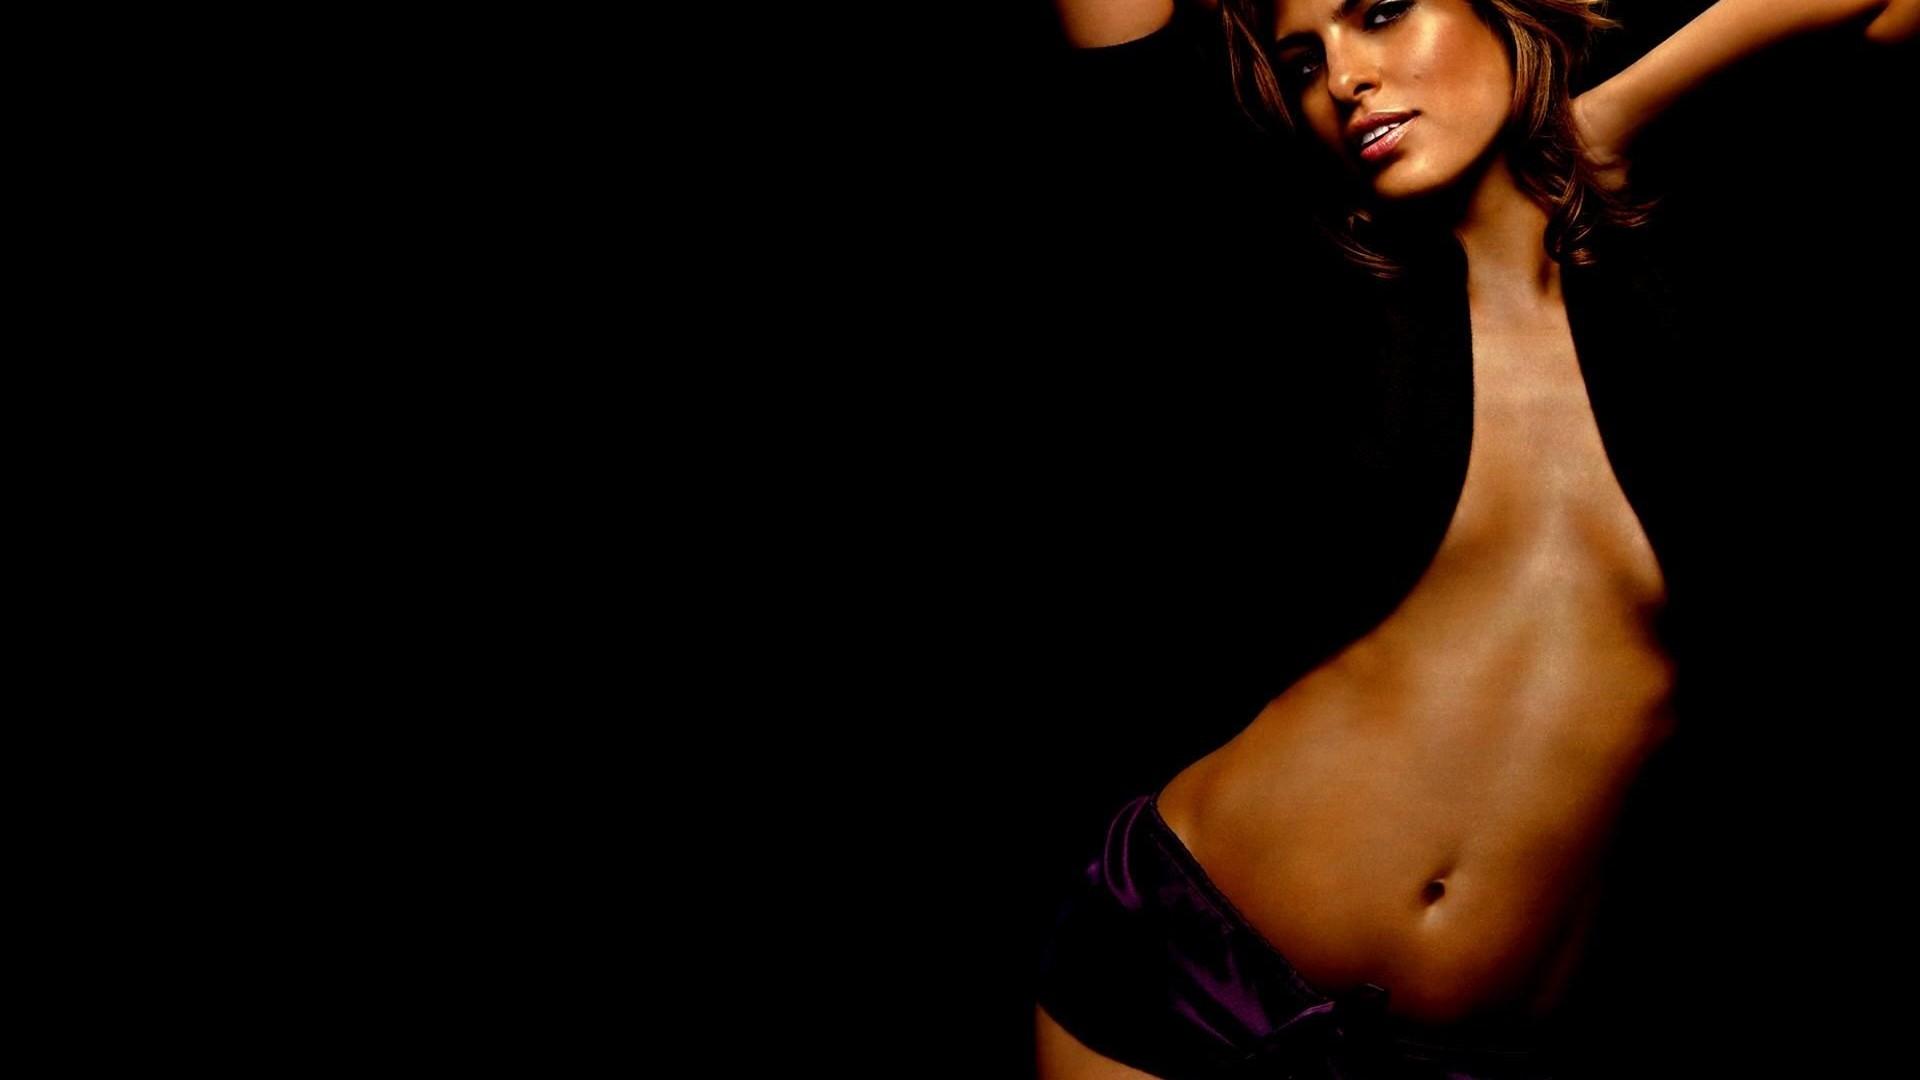 nude chubby ebony pics